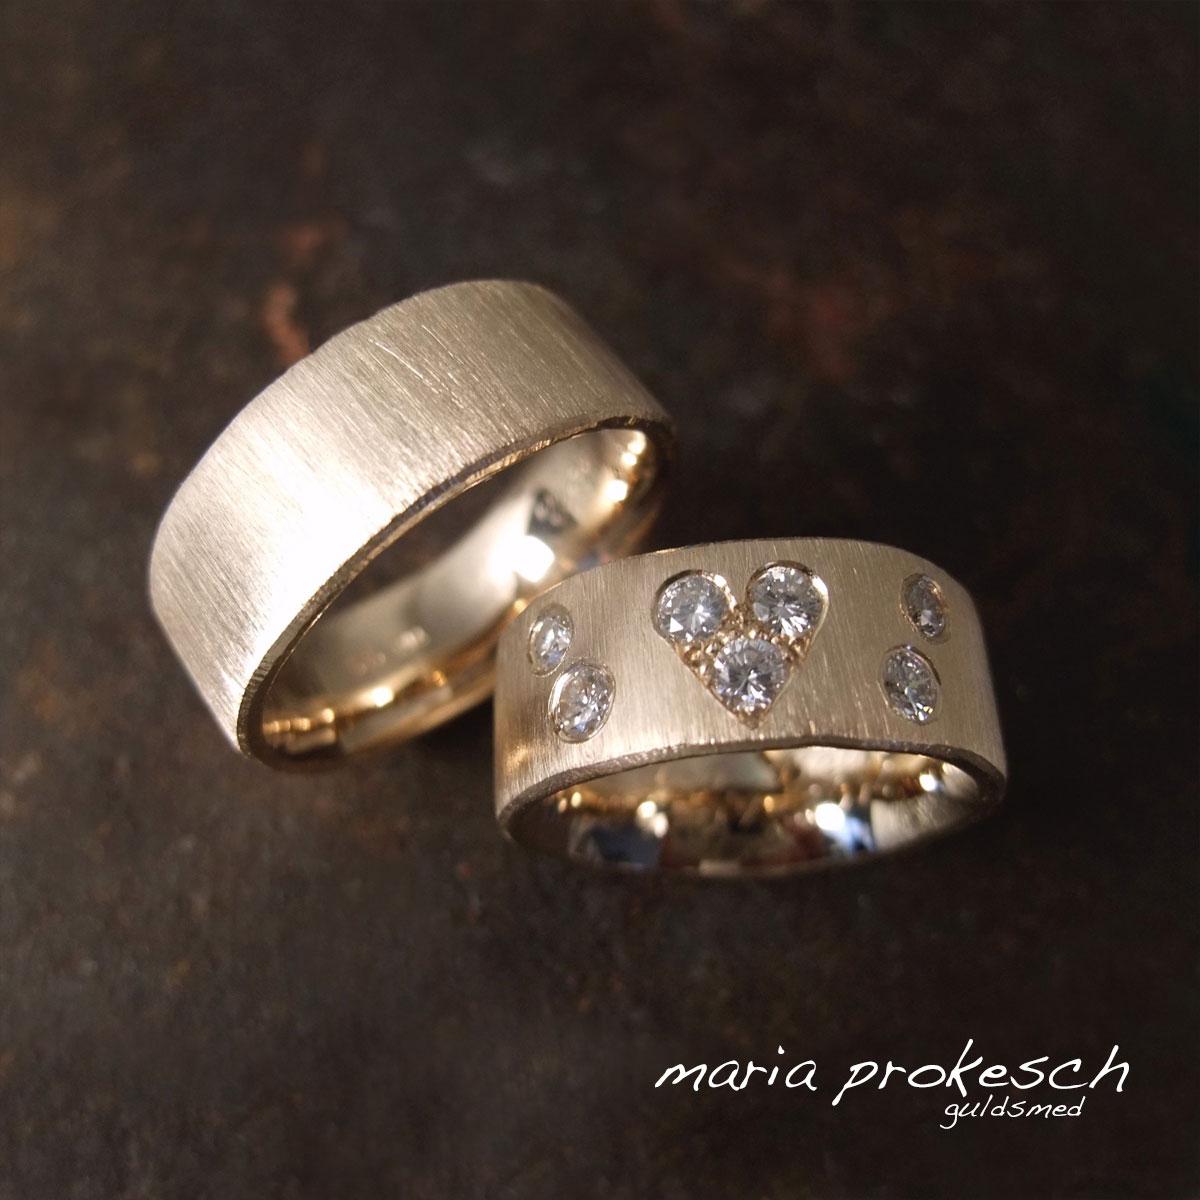 Vielsesringe i guld. Rustik rå overflade med diamanter i et hjerte til kvinden. Personlige og håndlavede af guldsmed Maria Prokesch